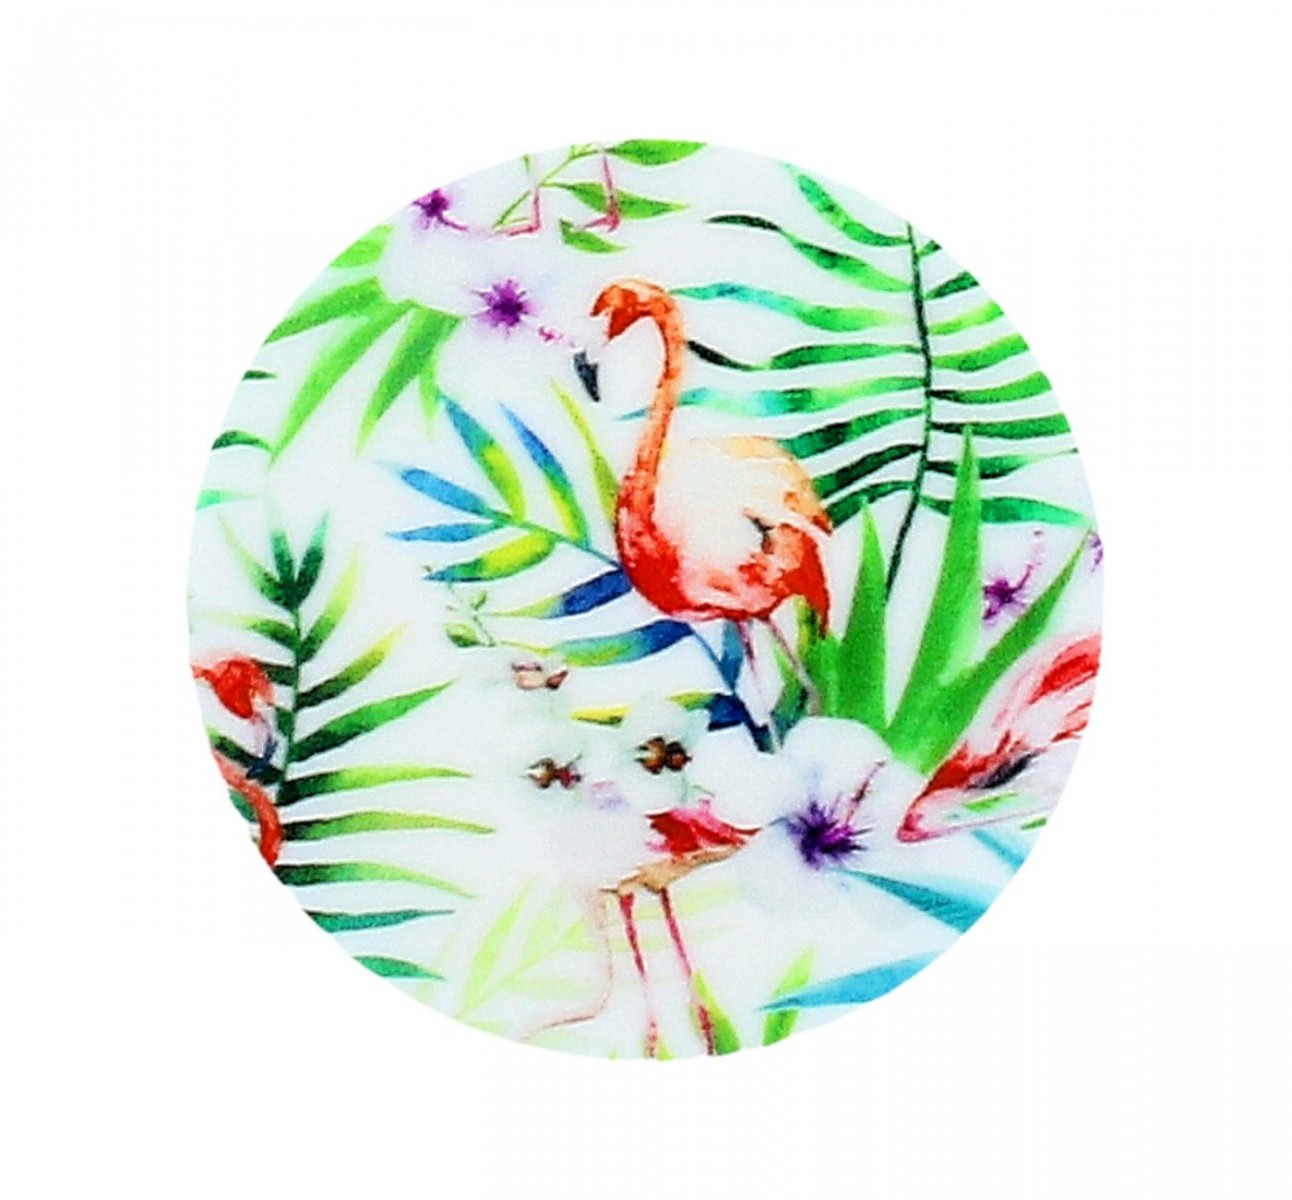 Držák na mobil TopQ PopSocket Flamingo 39130